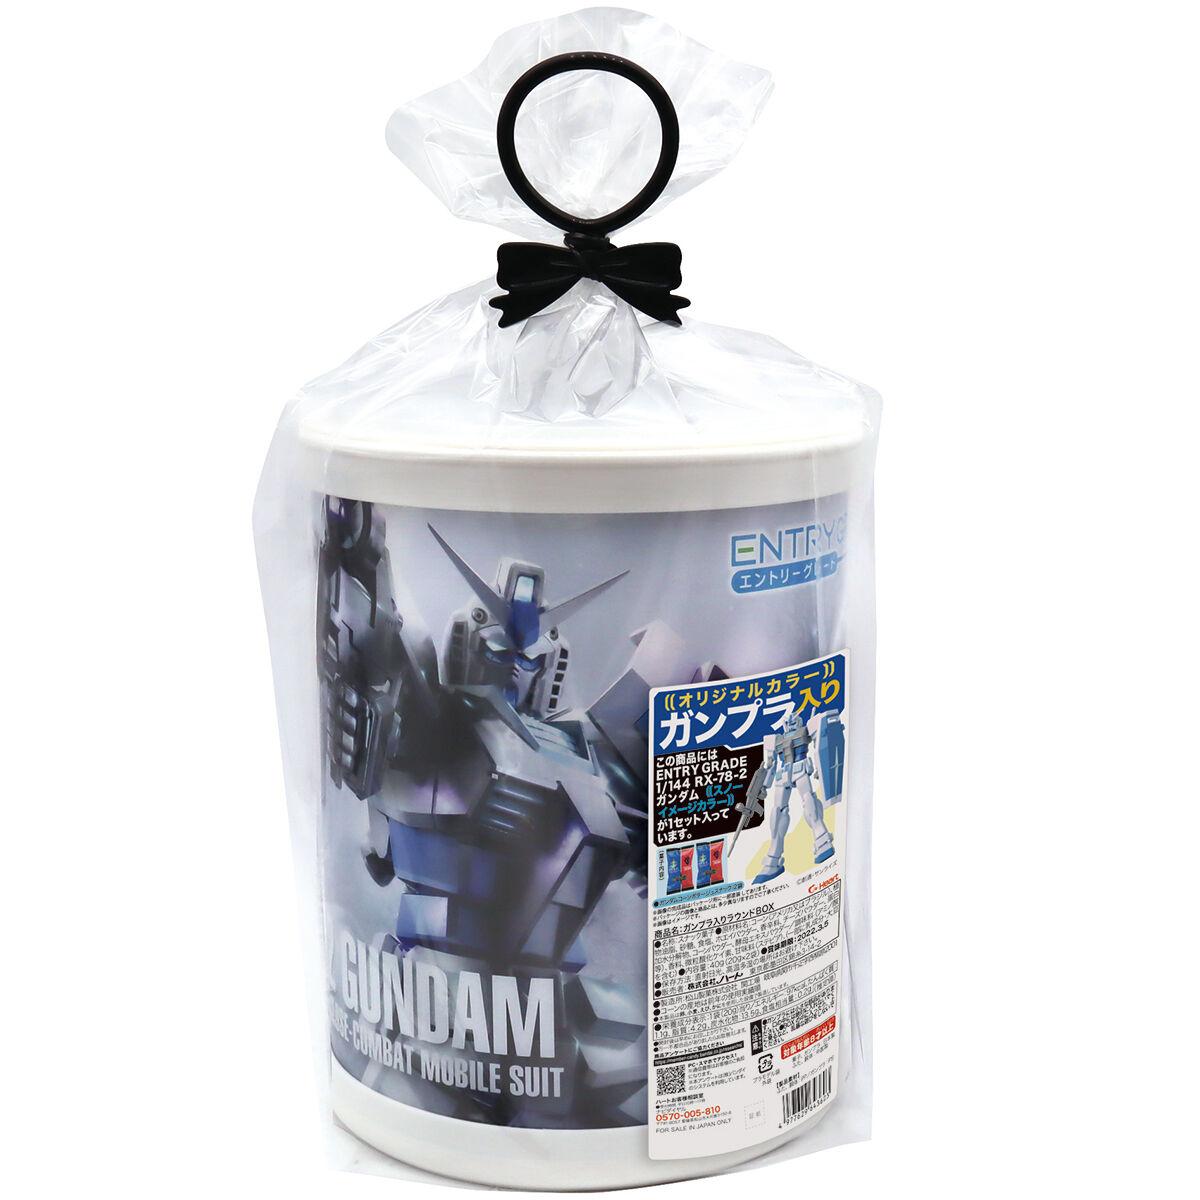 【限定販売】【2次予約】【食玩】ENTRY GRADE 1/144『ガンプラ入りラウンドBOX』プラモデル-002